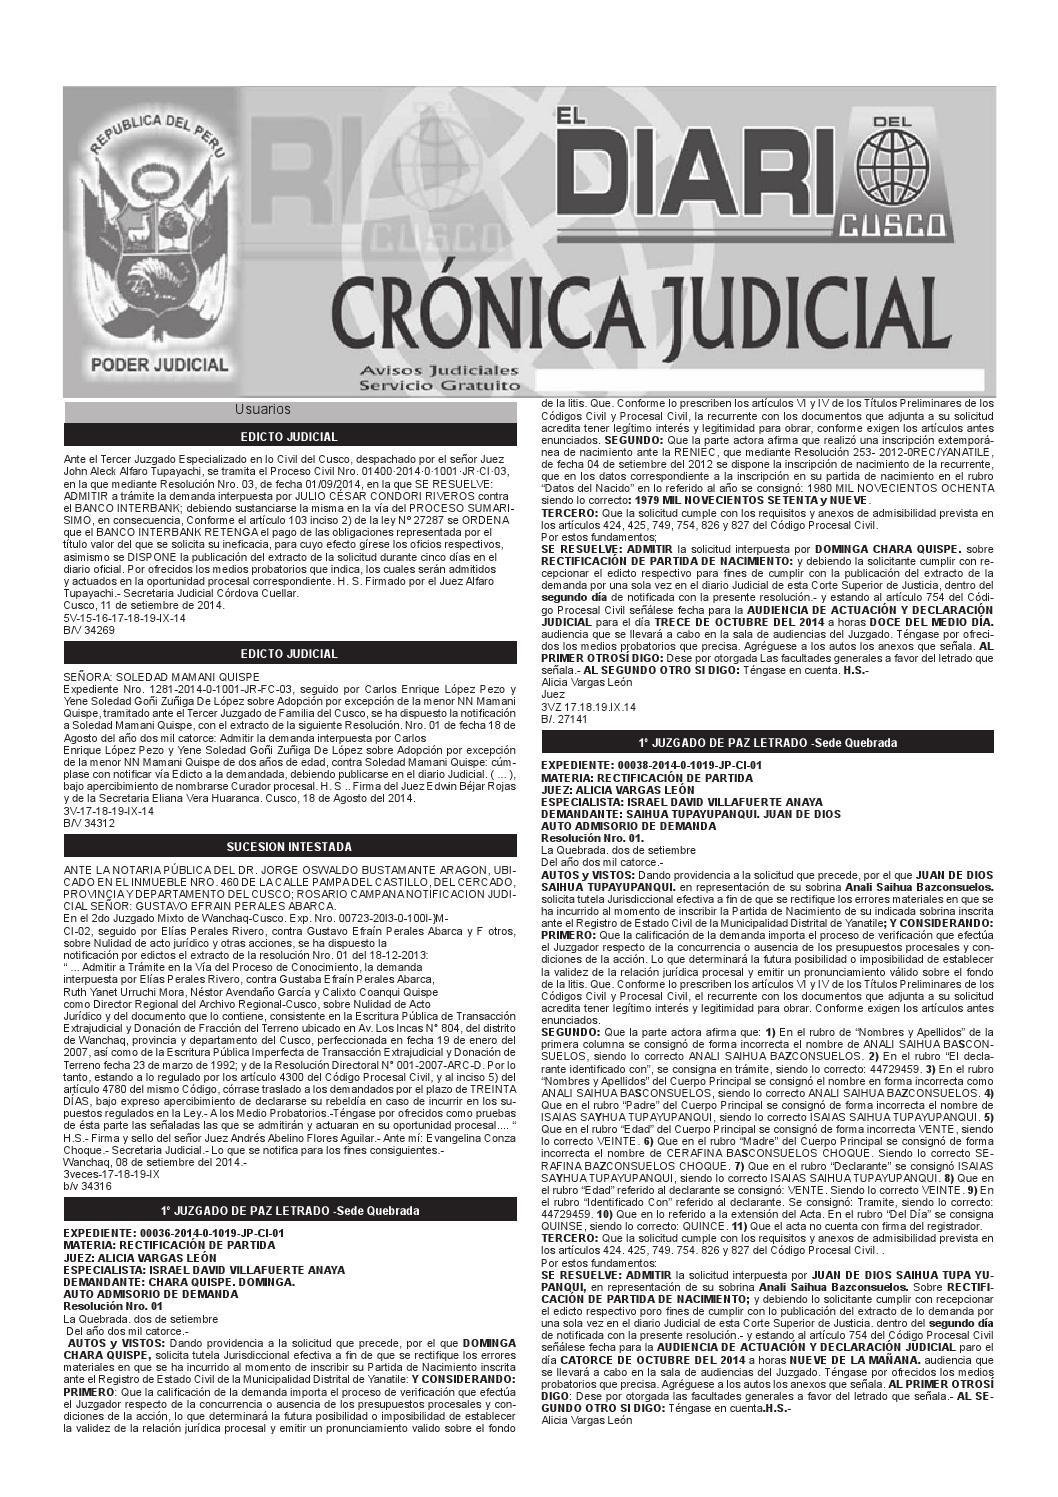 Avisos Judiciales 19 09 14 by El Diario del Cusco - issuu